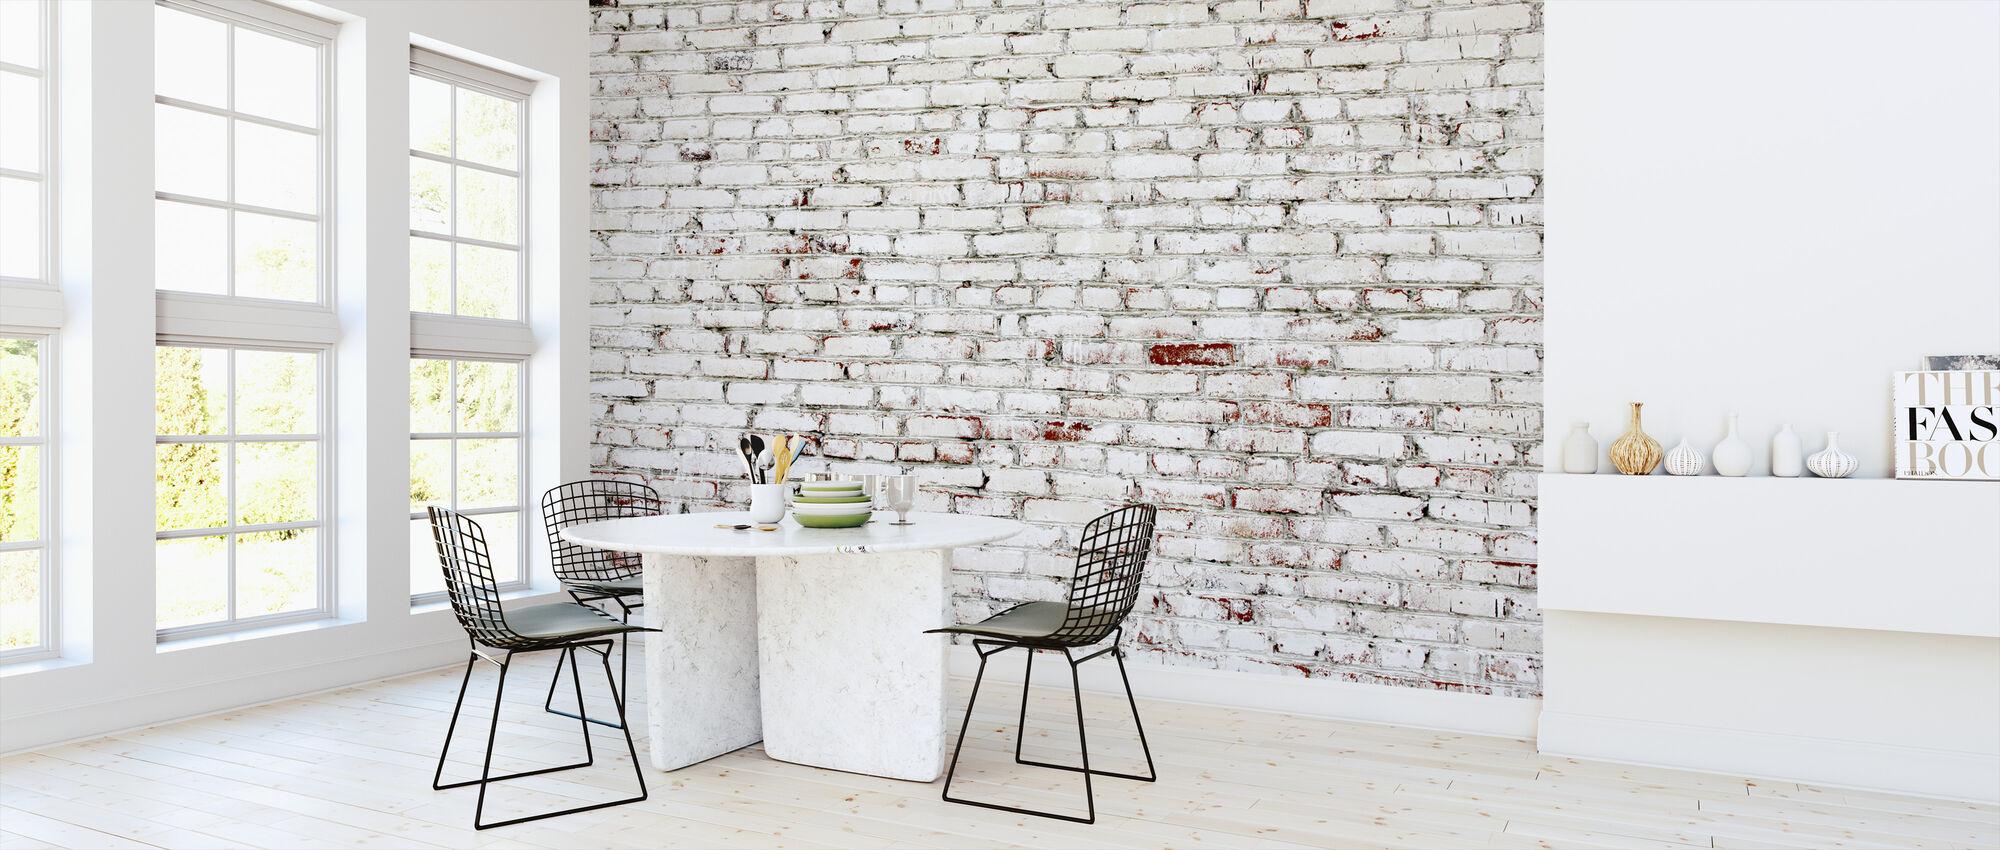 Alte Ziegelmauer mit weißen und roten Ziegeln - Tapete - Küchen